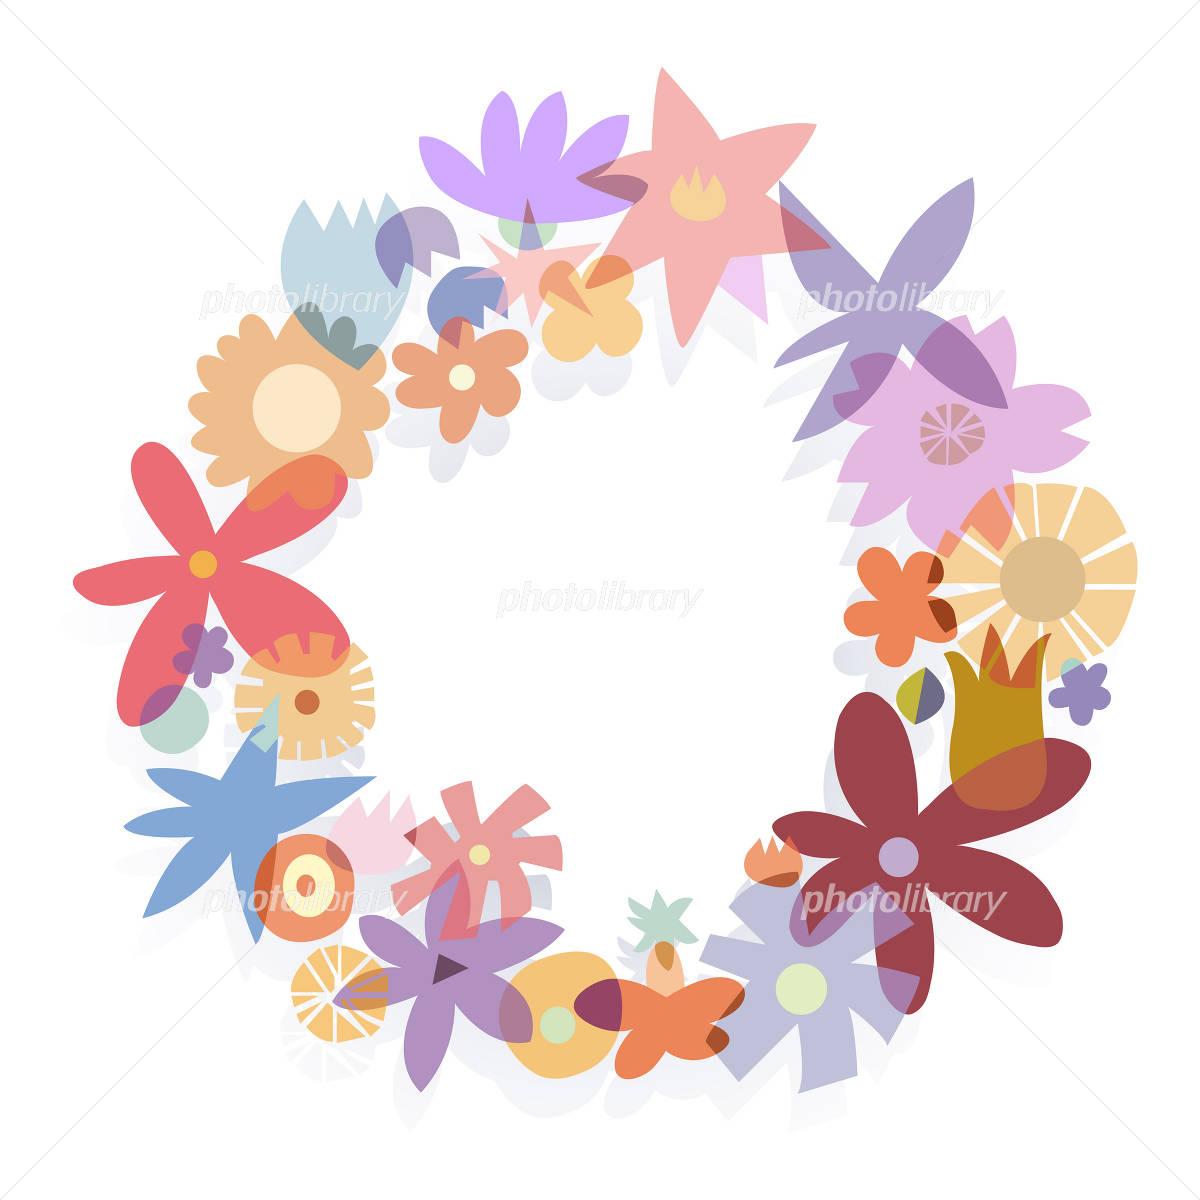 花 リース 飾り 輪 イラスト イラスト素材 1389672 フォト